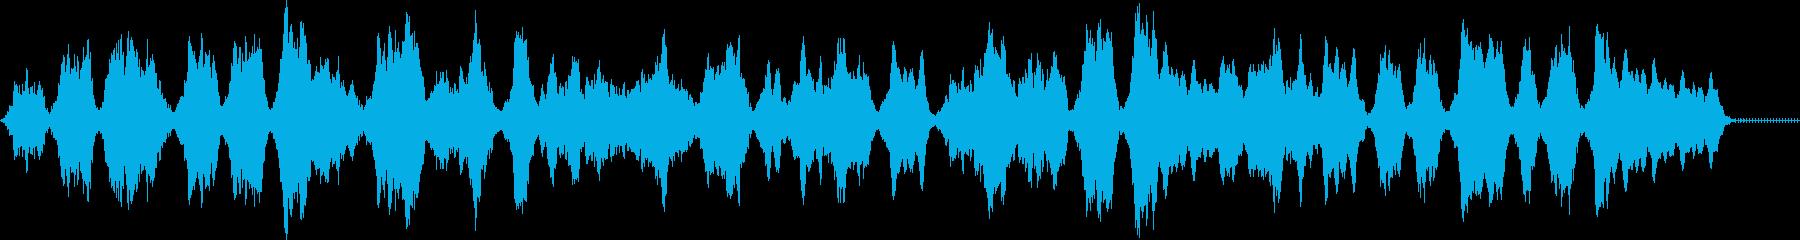 幻想的で宇宙をイメージするメロディの再生済みの波形